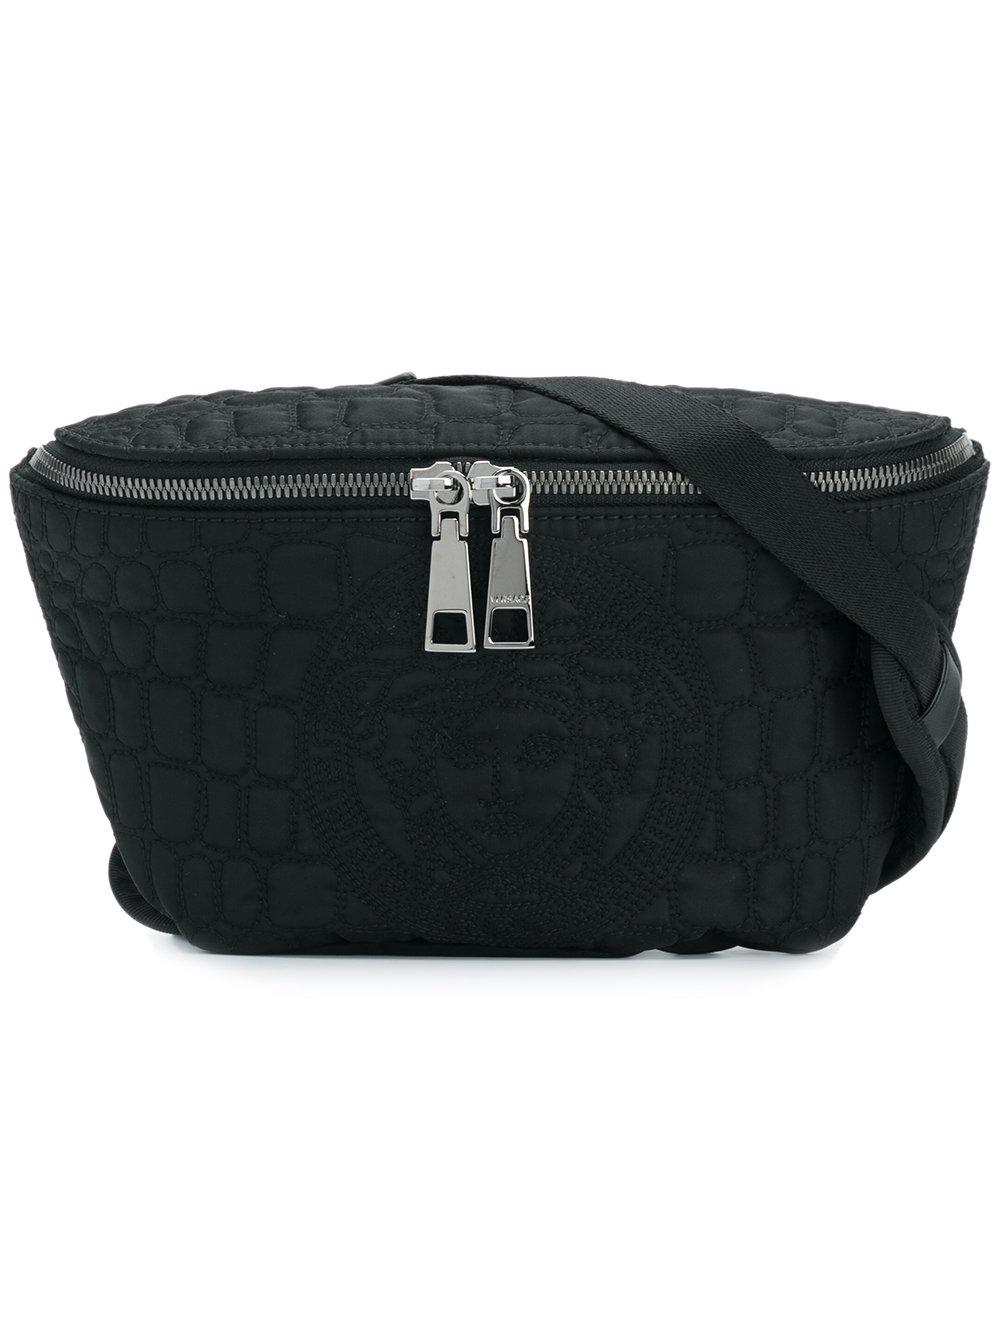 416c3e20d3c7 Versace поясная сумка с декоративной строчкой 'Medusa' - Glami.ru